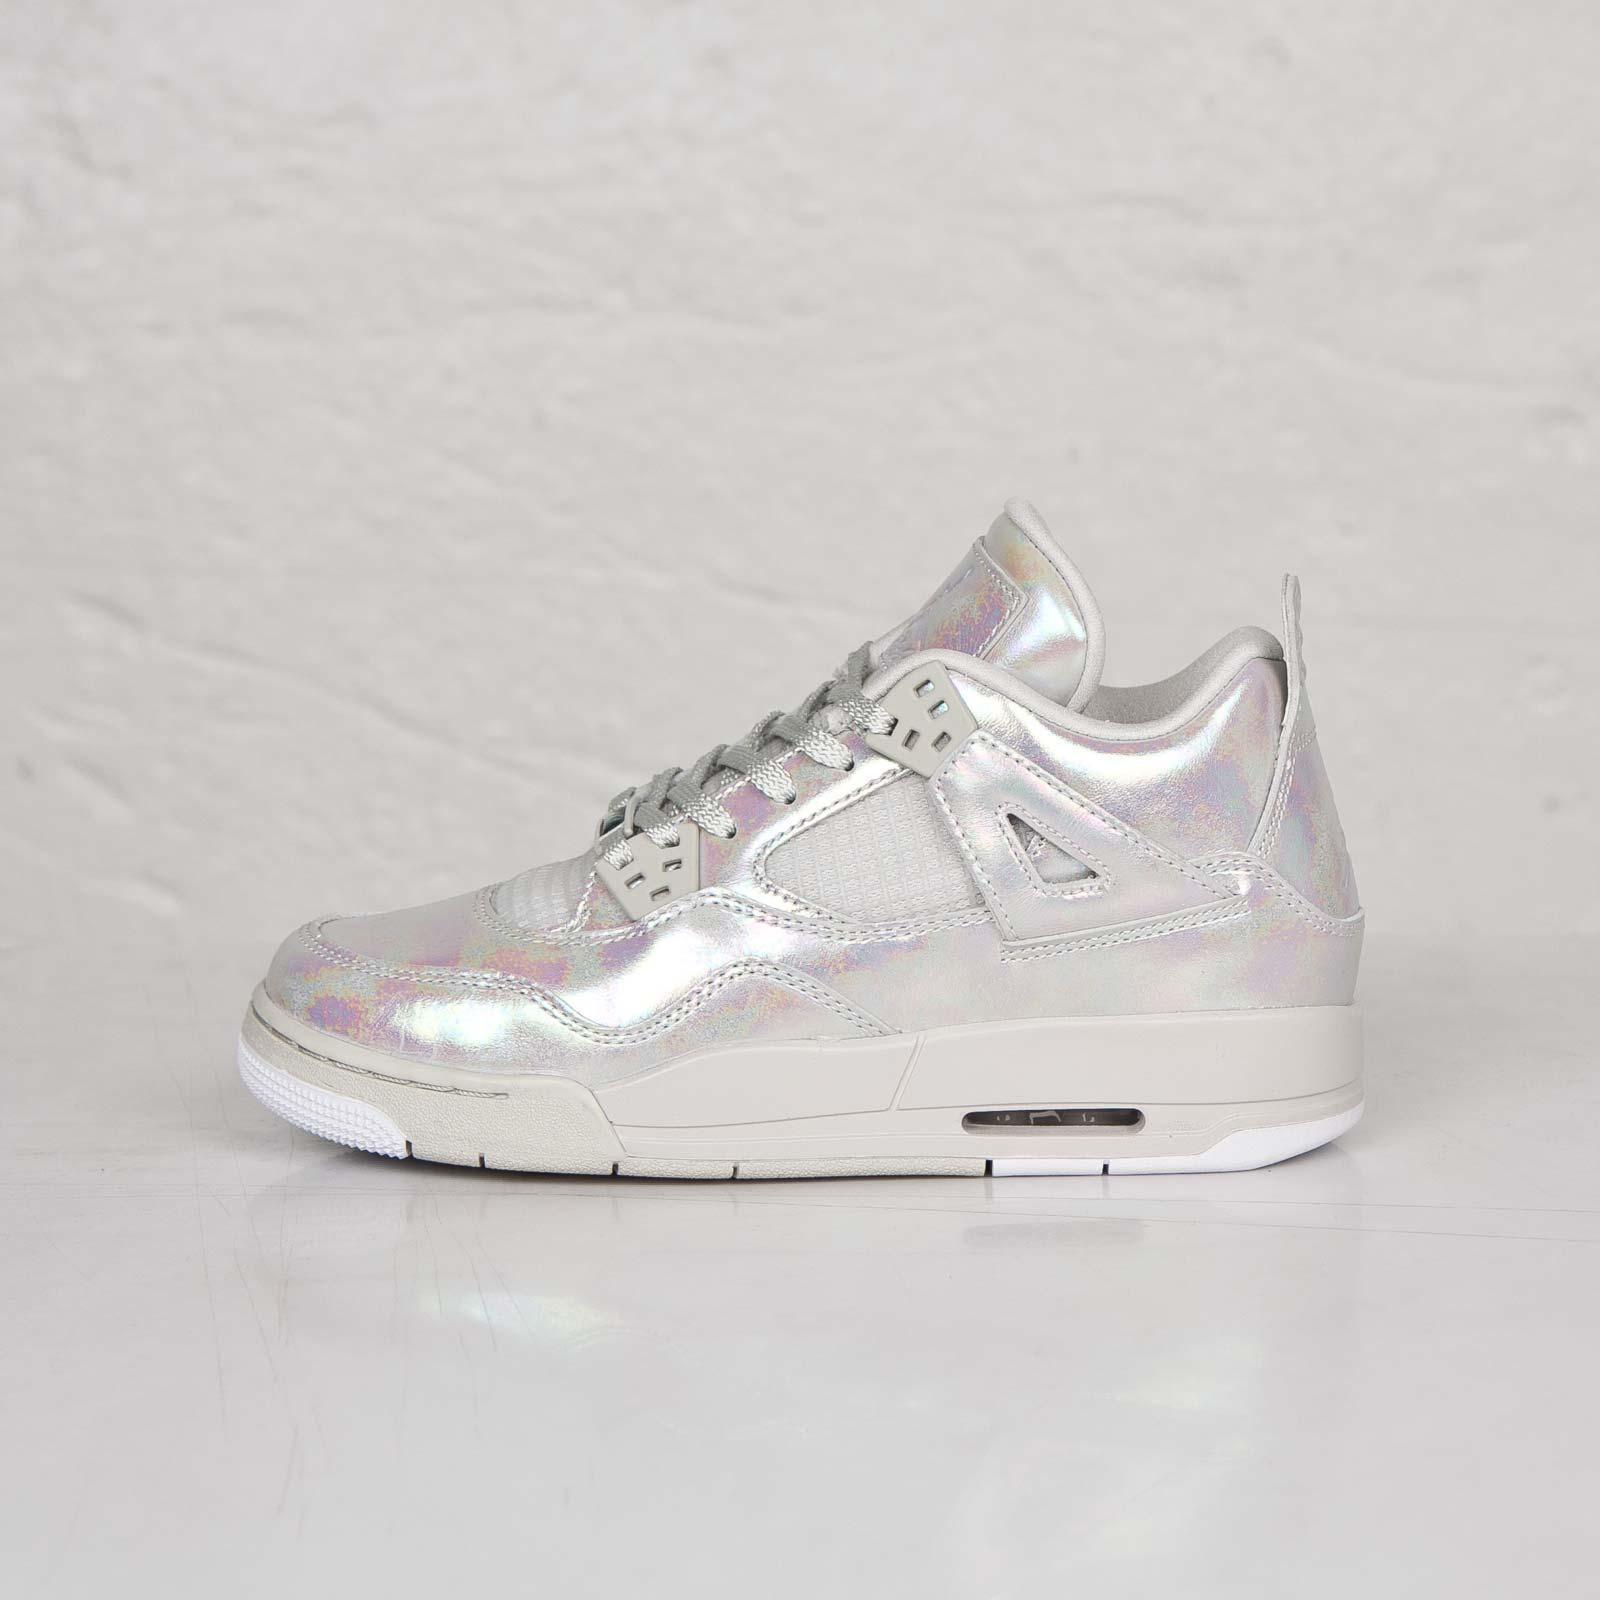 4fe42e165b0f Jordan Brand Air Jordan 4 Retro Pearl (GS) - 742639-045 - Sneakersnstuff